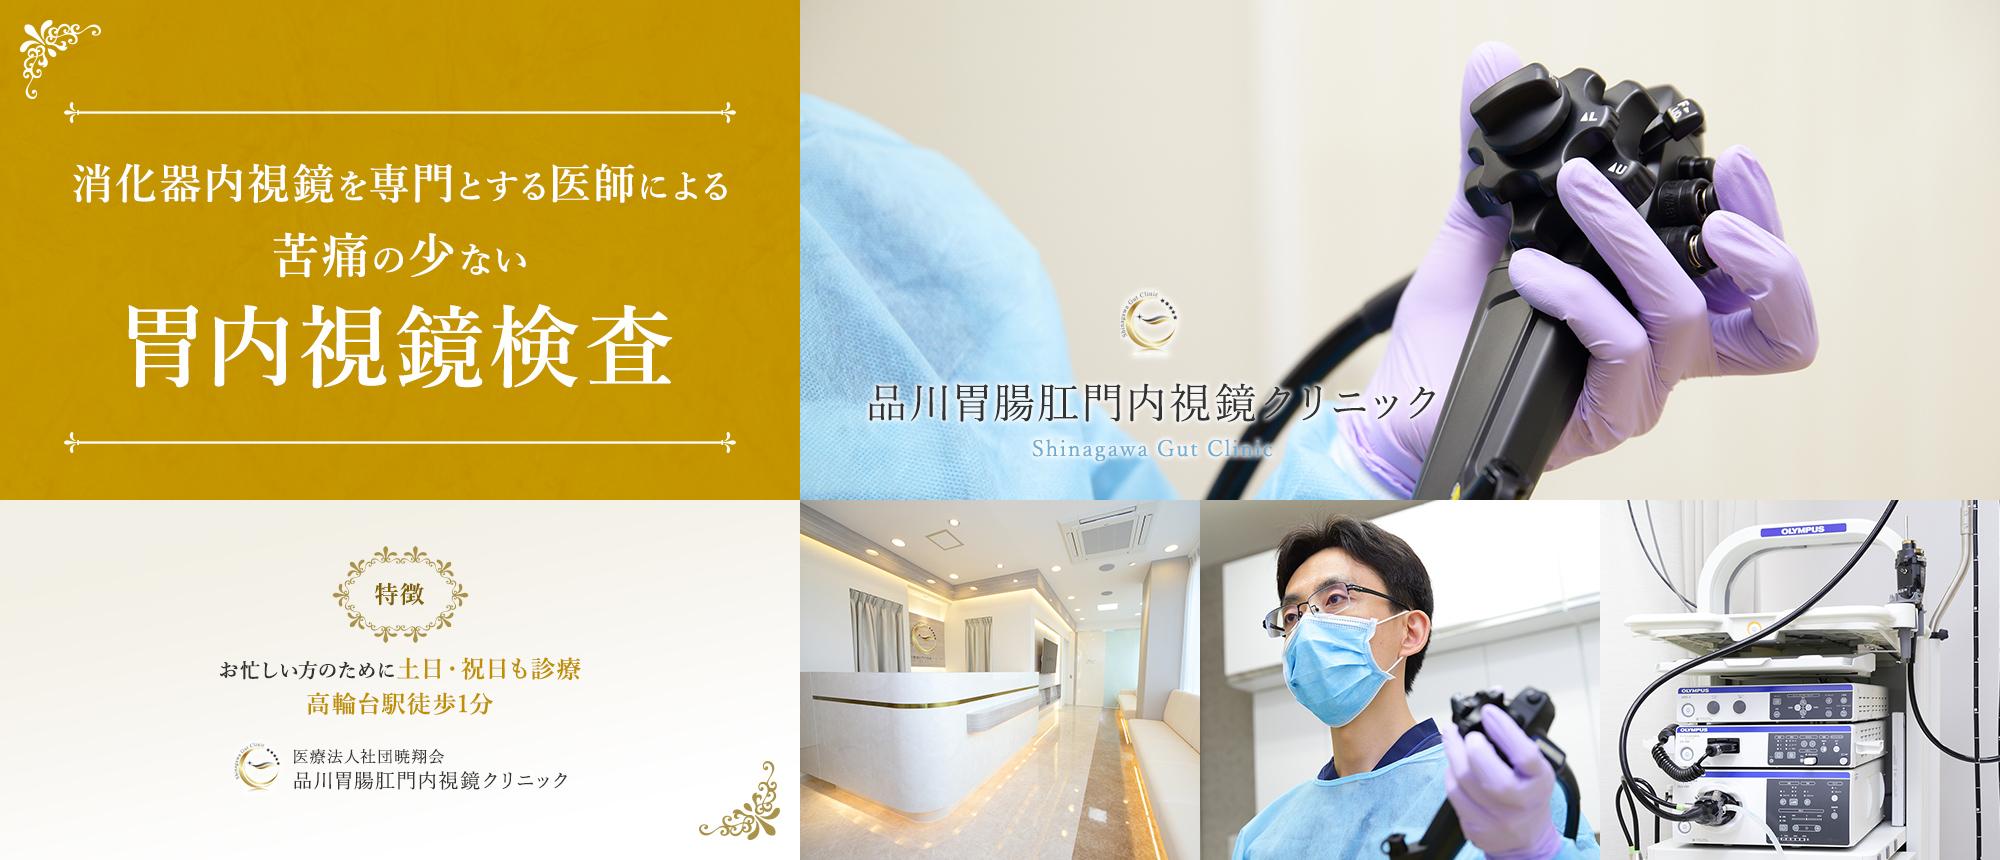 消化器内視鏡を専門とする医師による苦痛の少ない胃内視鏡検査